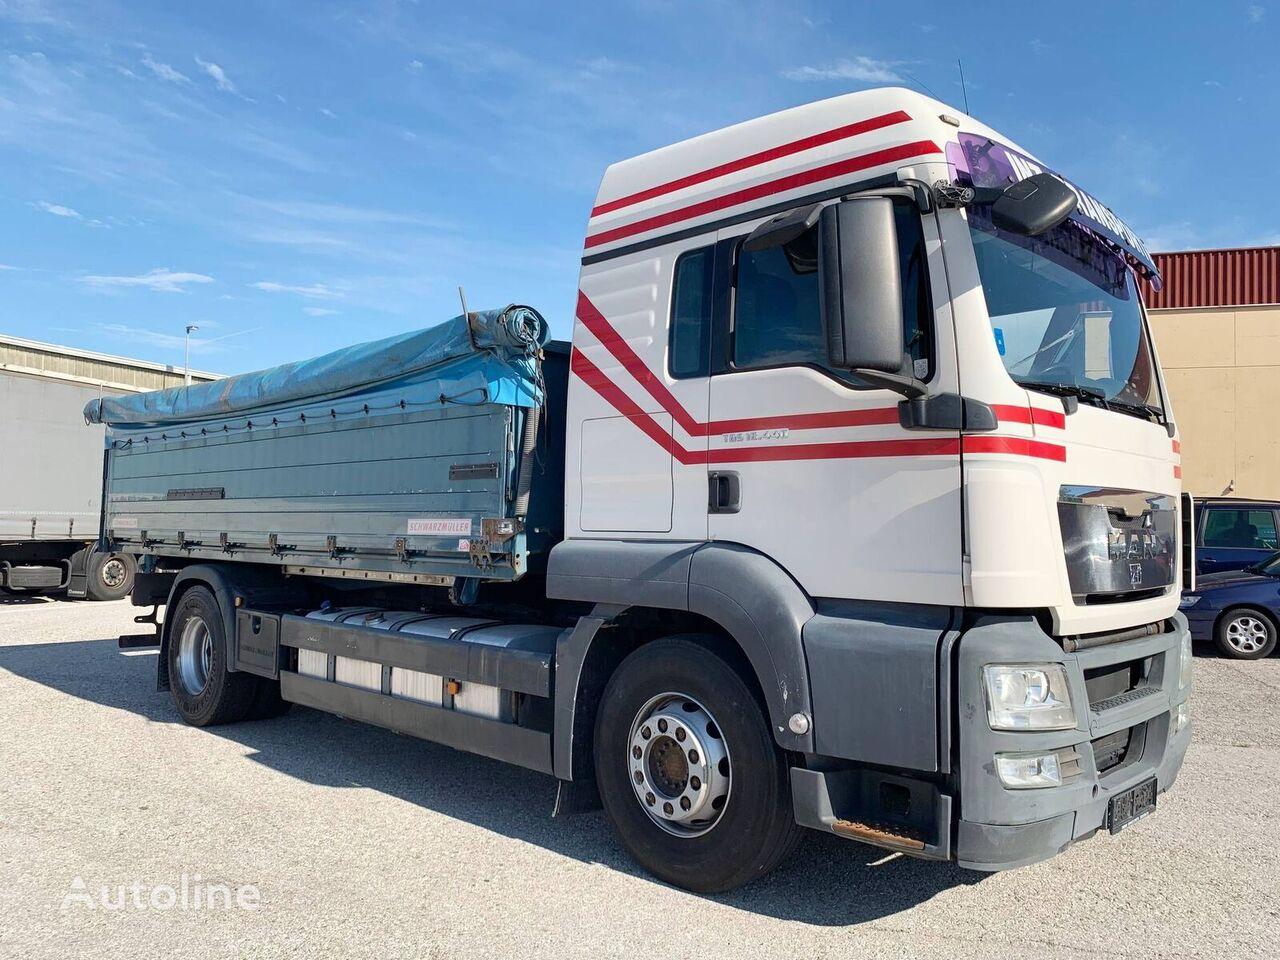 MAN 18.440  4x2 / 3-Seiten GETREIDEKIPPER/ INTARDER/ PALETTENBREITE grain truck